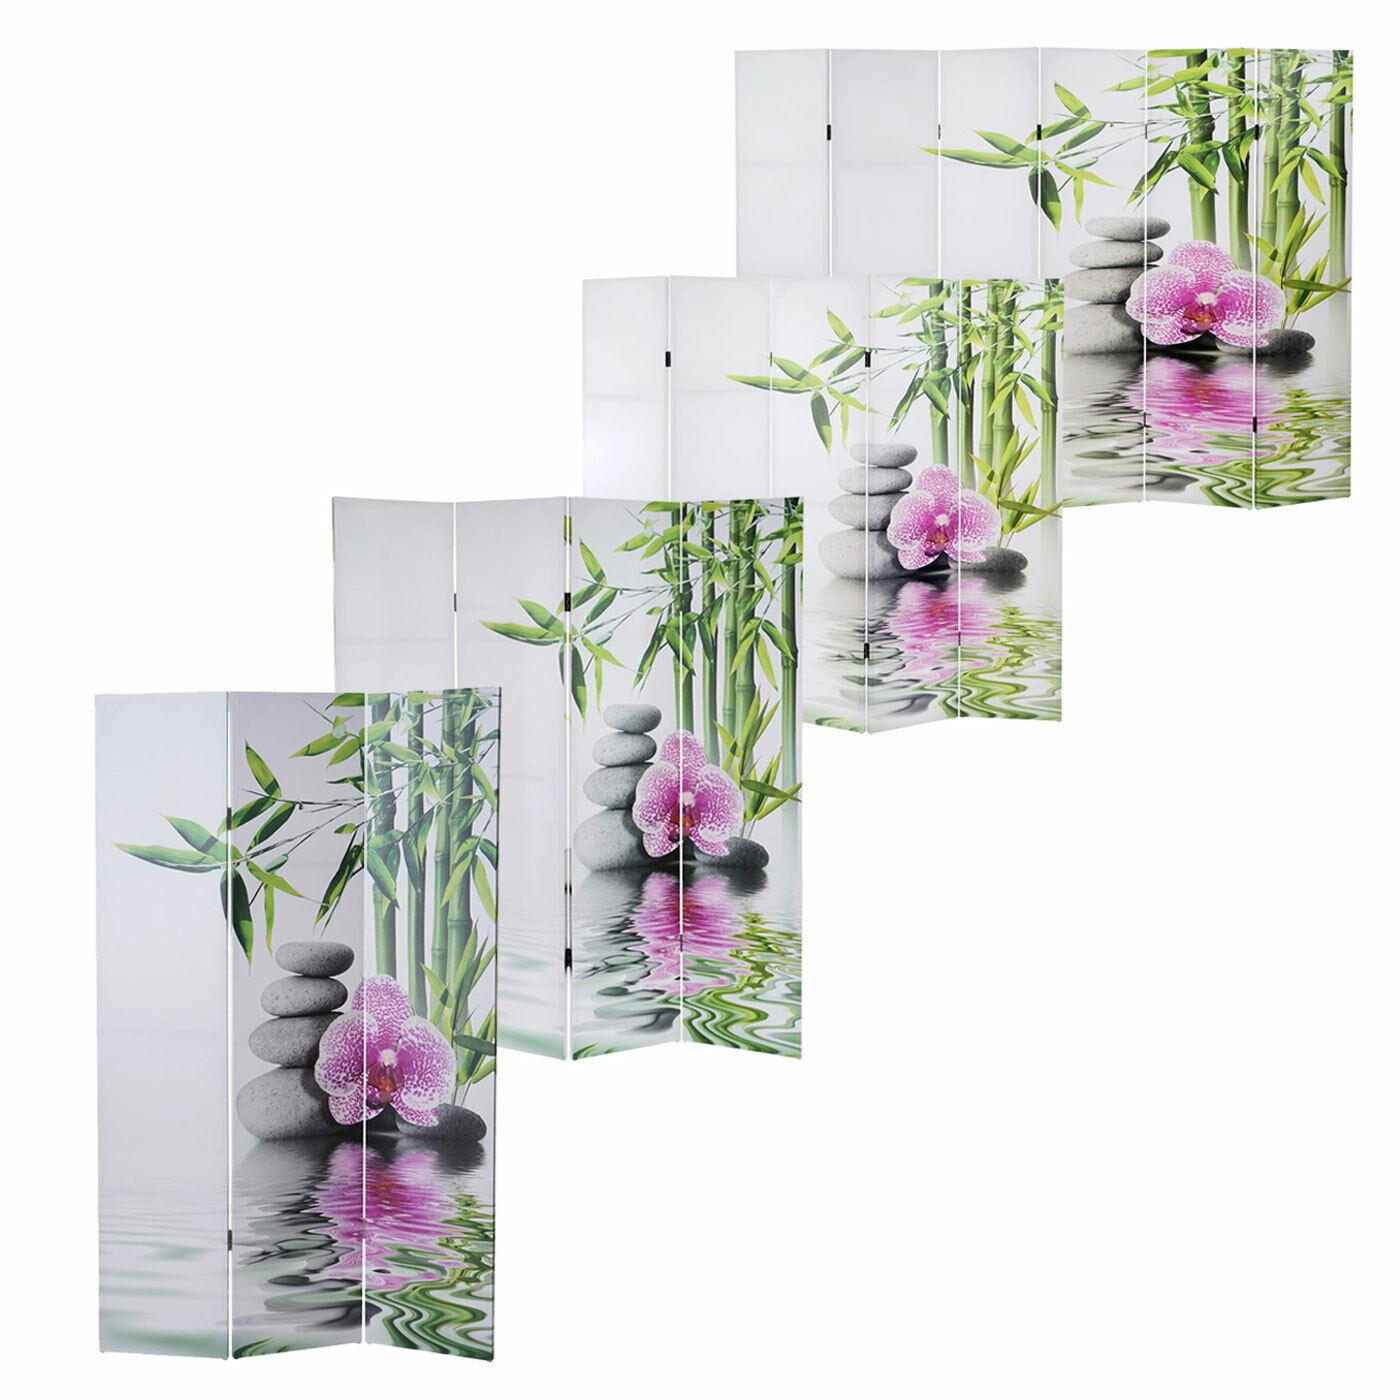 Foto-Paravent Kho Samui, Paravent Raumteiler Spanische Wand 160 200 240x180cm